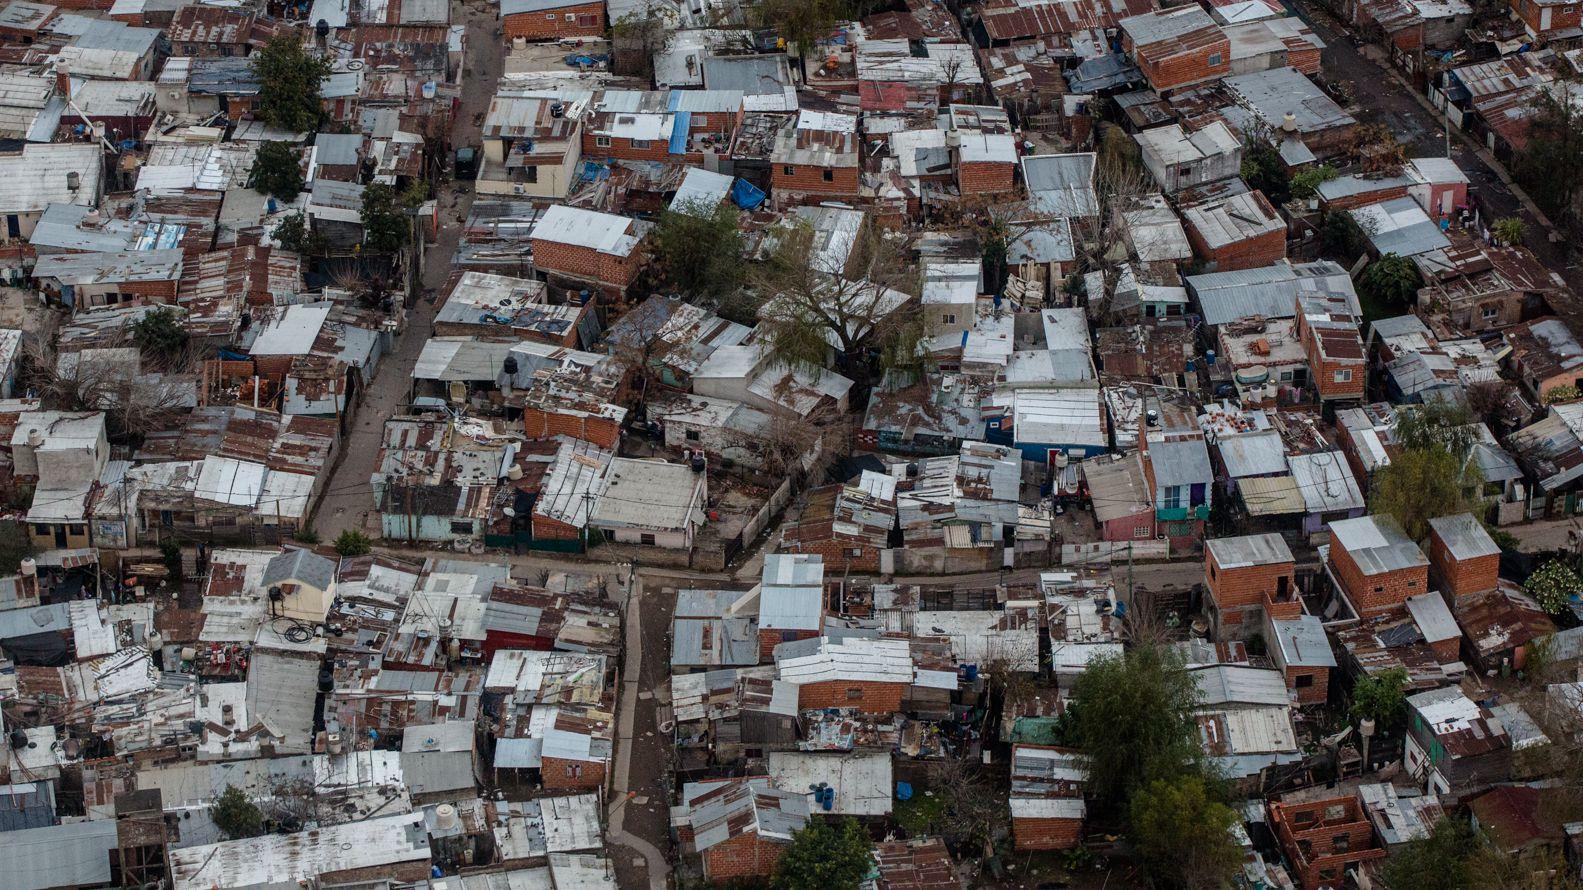 El 25% de las obras en villas y barrios carenciados estarán a cargo de cooperativas. Adrián Escandar 162